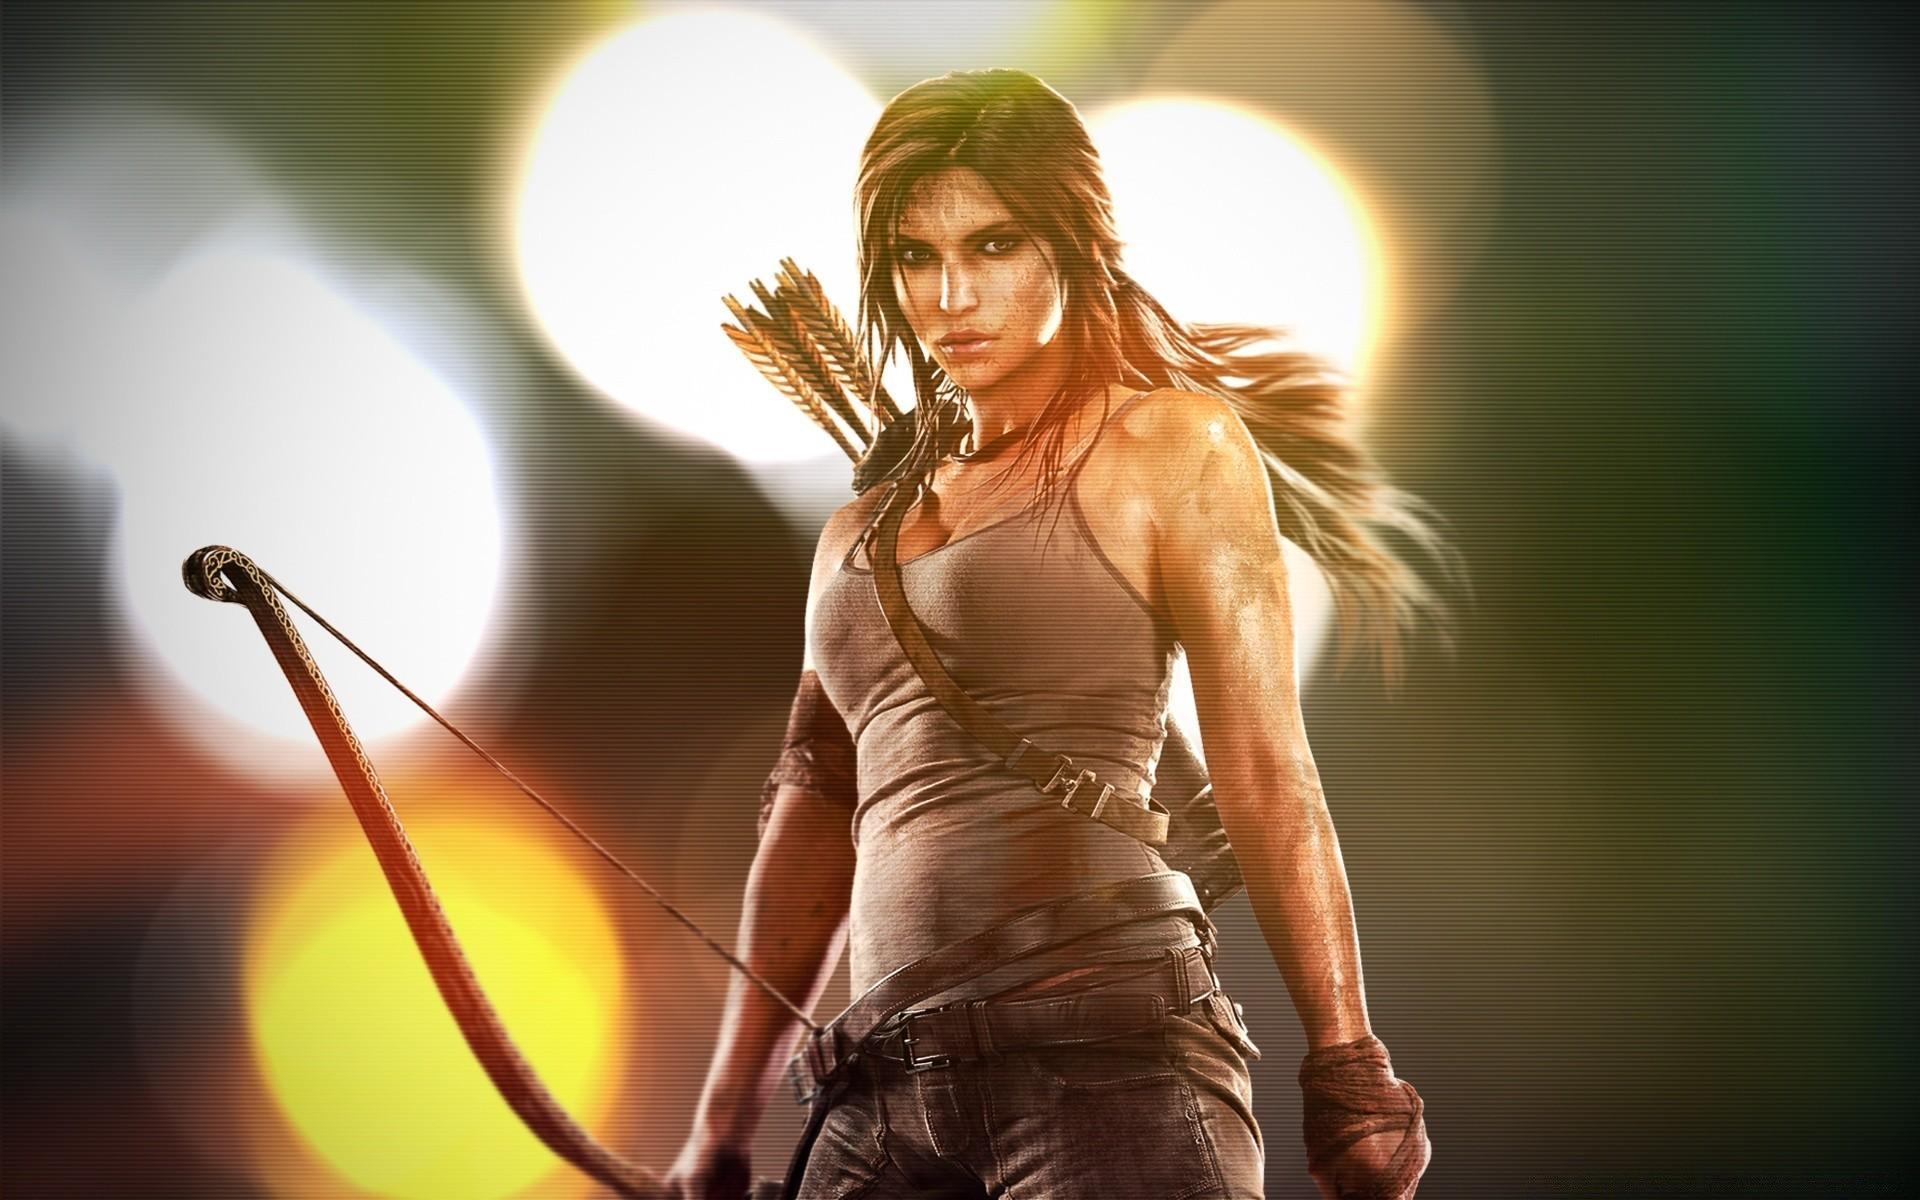 Lara kroft hentia images